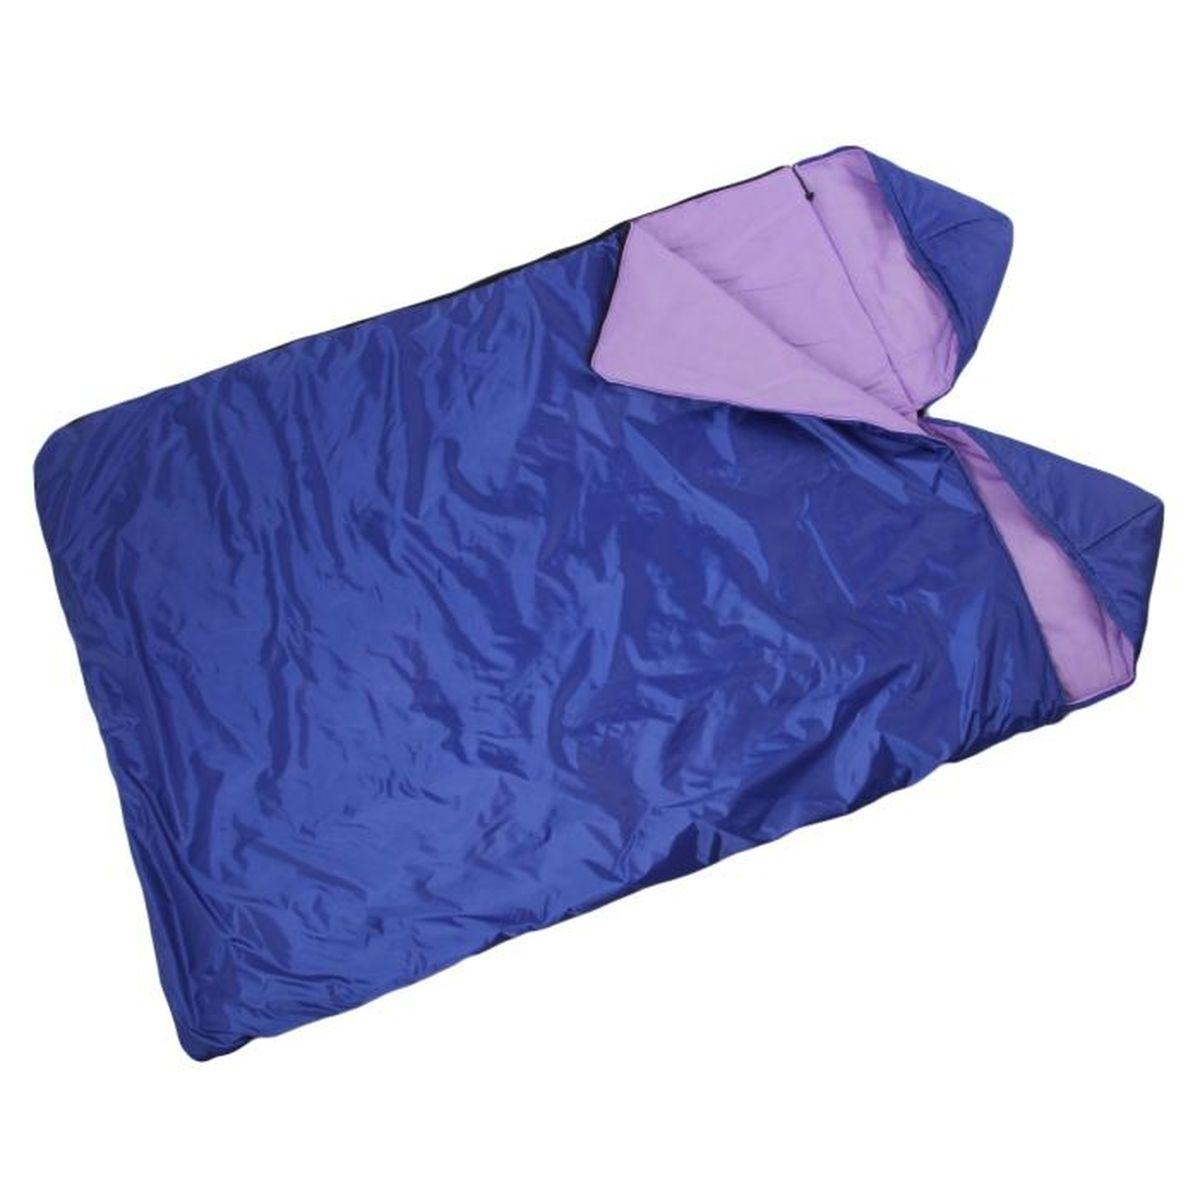 Мешок спальный Onlitop Престиж, 2-местный, цвет: фиолетовый, правосторонняя молния спальный мешок onlitop престиж цвет черный бежевый правосторонняя молния 1344029